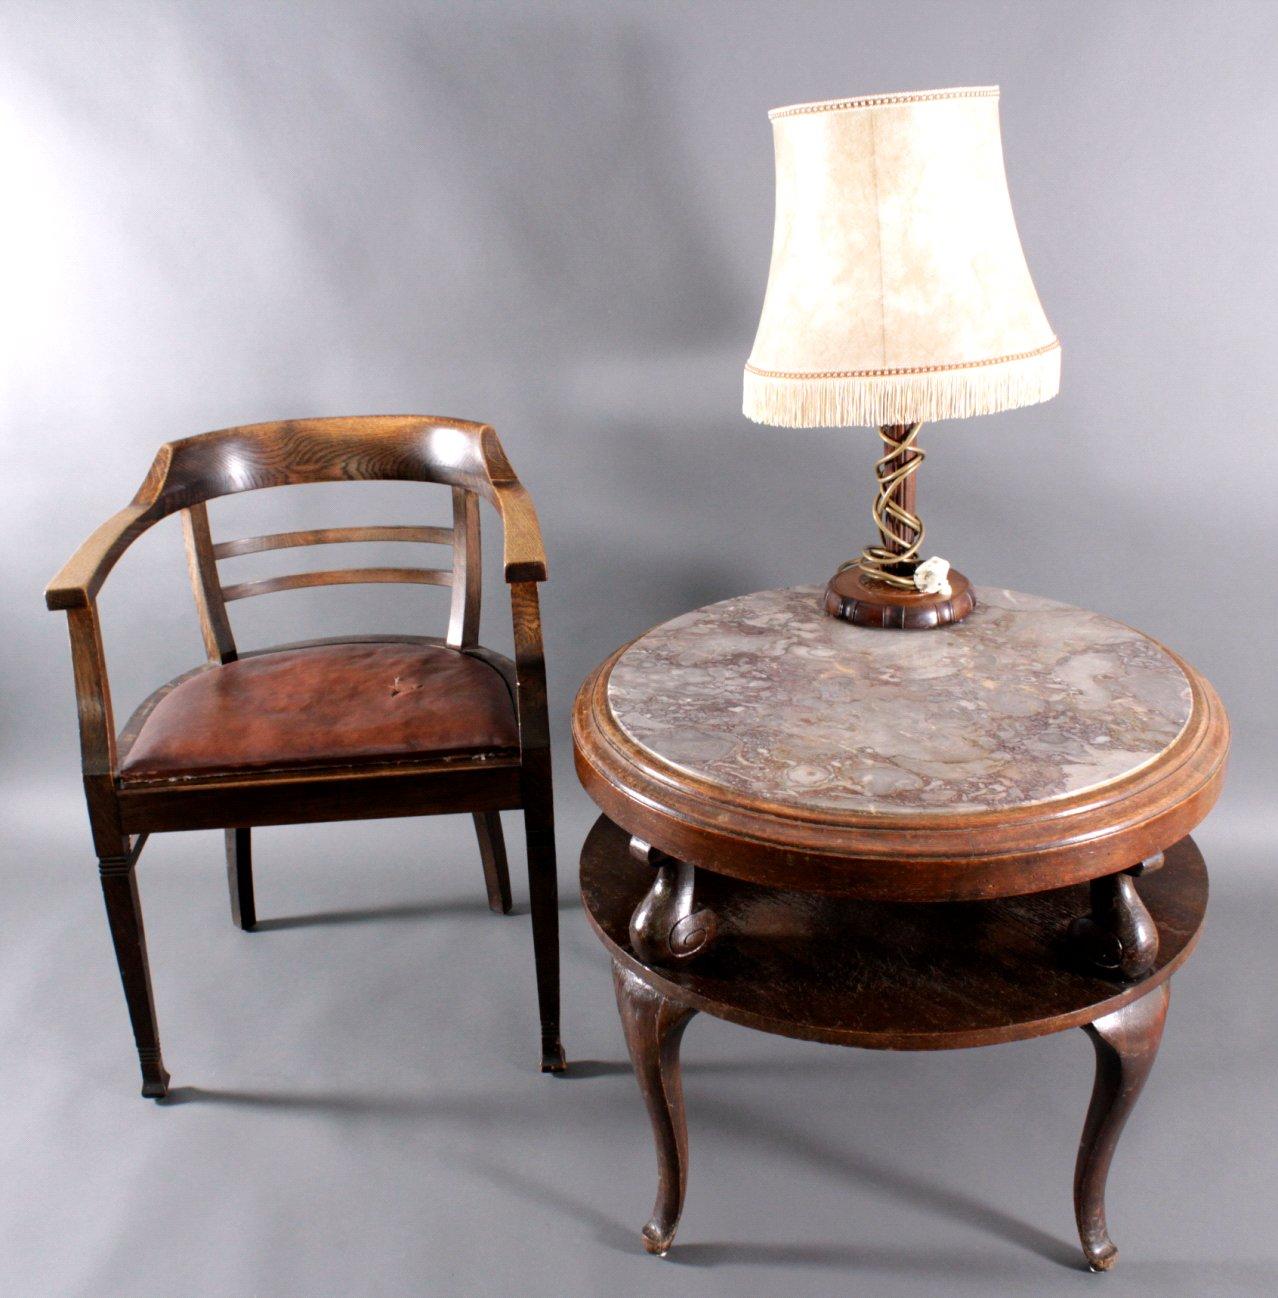 tisch und lampe 30er jahre badisches auktionshaus. Black Bedroom Furniture Sets. Home Design Ideas